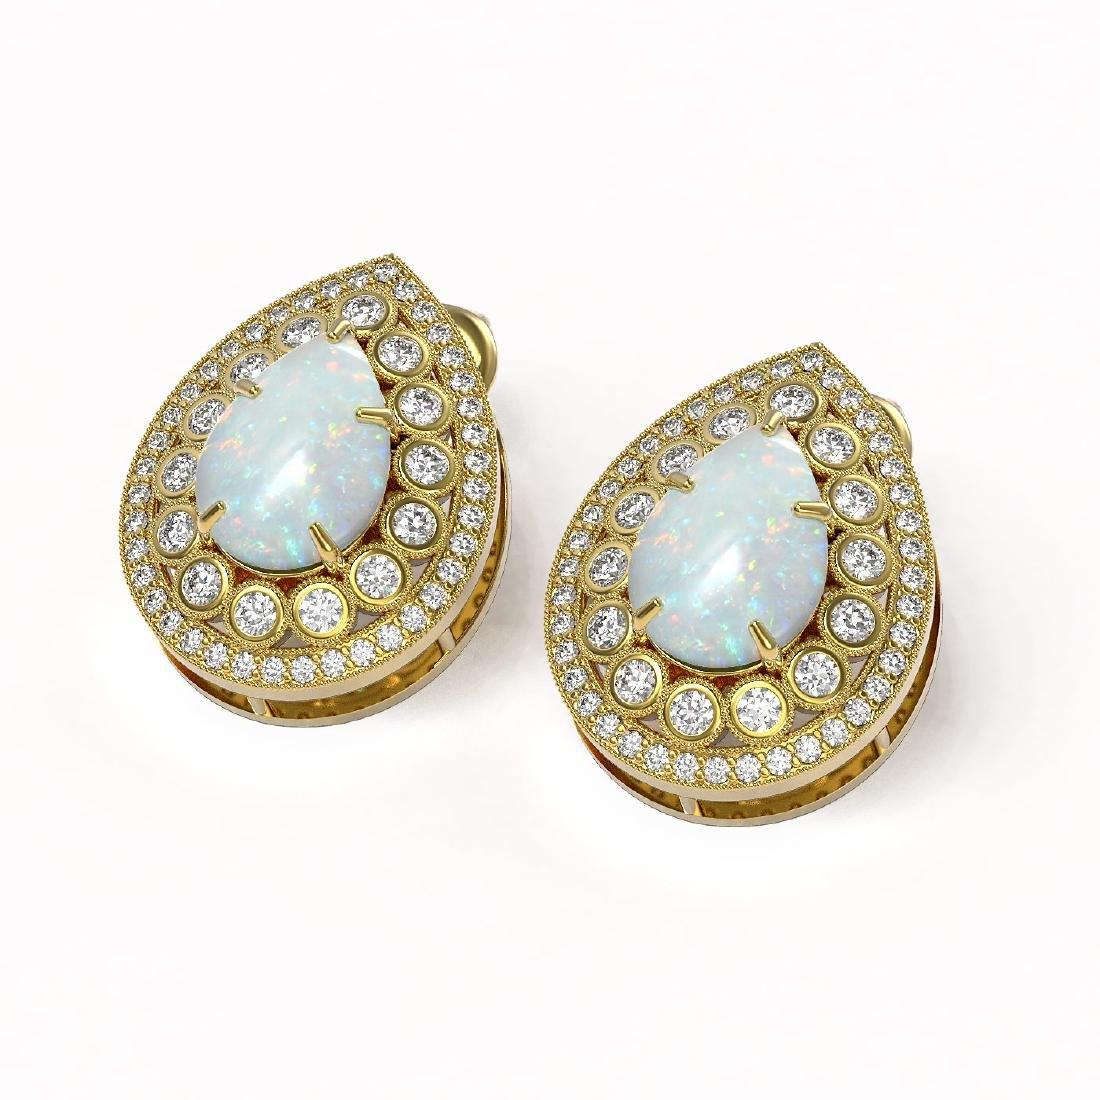 7.88 ctw Opal & Diamond Earrings 14K Yellow Gold - - 2